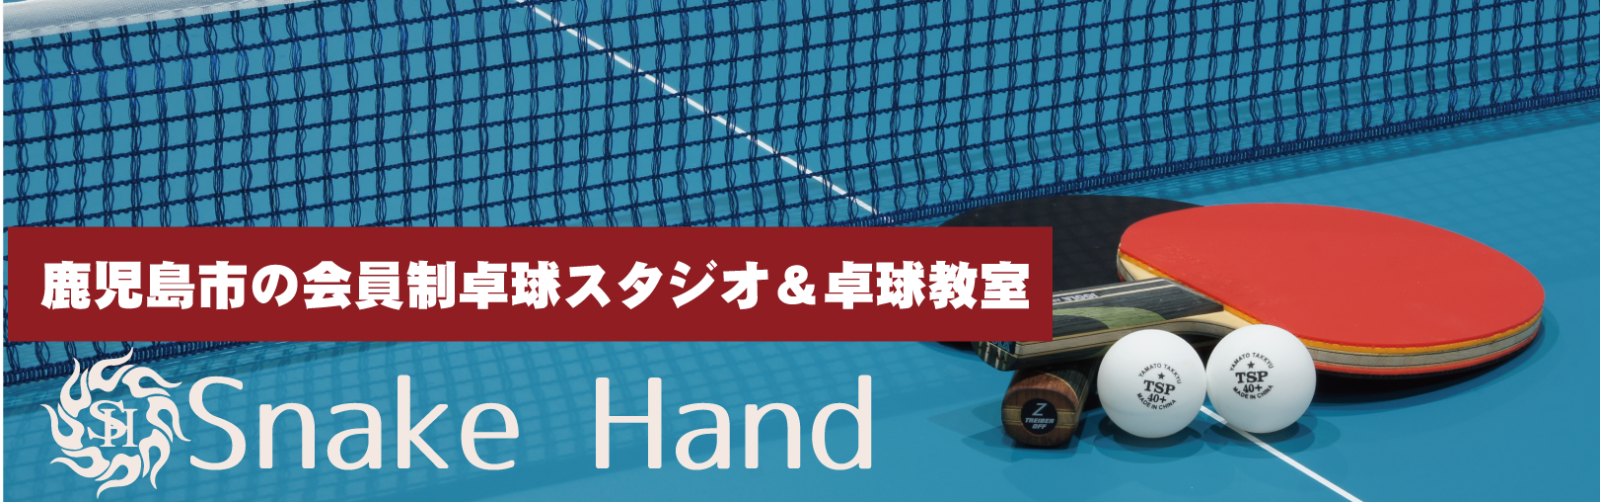 鹿児島市の会員制卓球場&卓球教室。Snake Hand(スネークハンド)初心者シニアから強化ジュニアまで